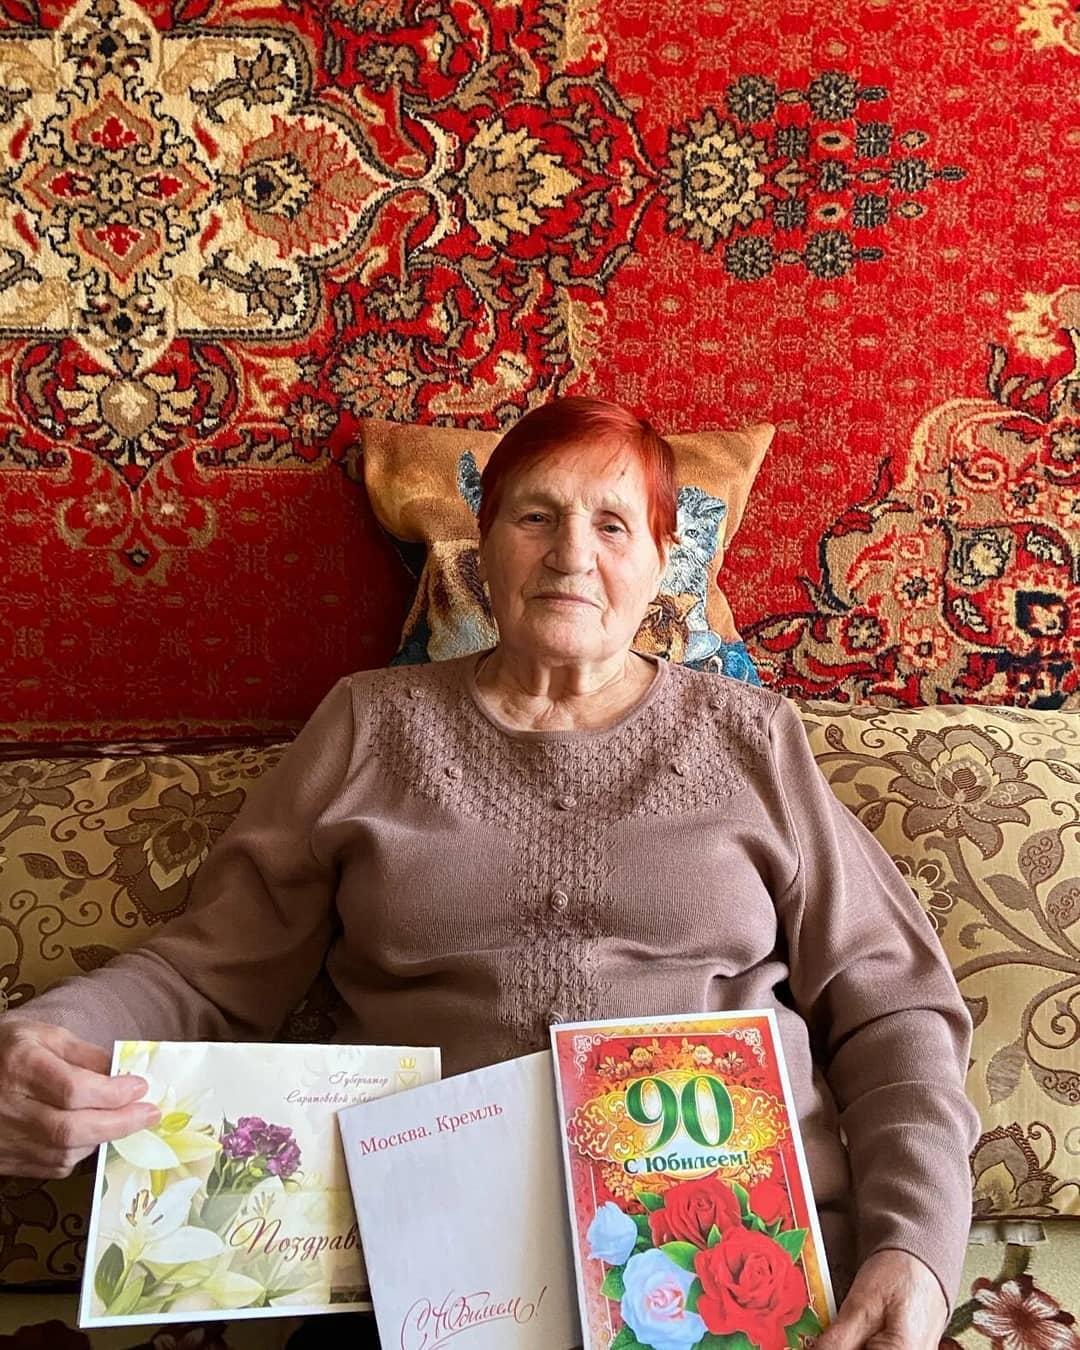 Юбилейный день рождения - 90-летие - отмечает сегодня труженица тыла из Петровска Екатерина Фёдоровна СМИРНОВА